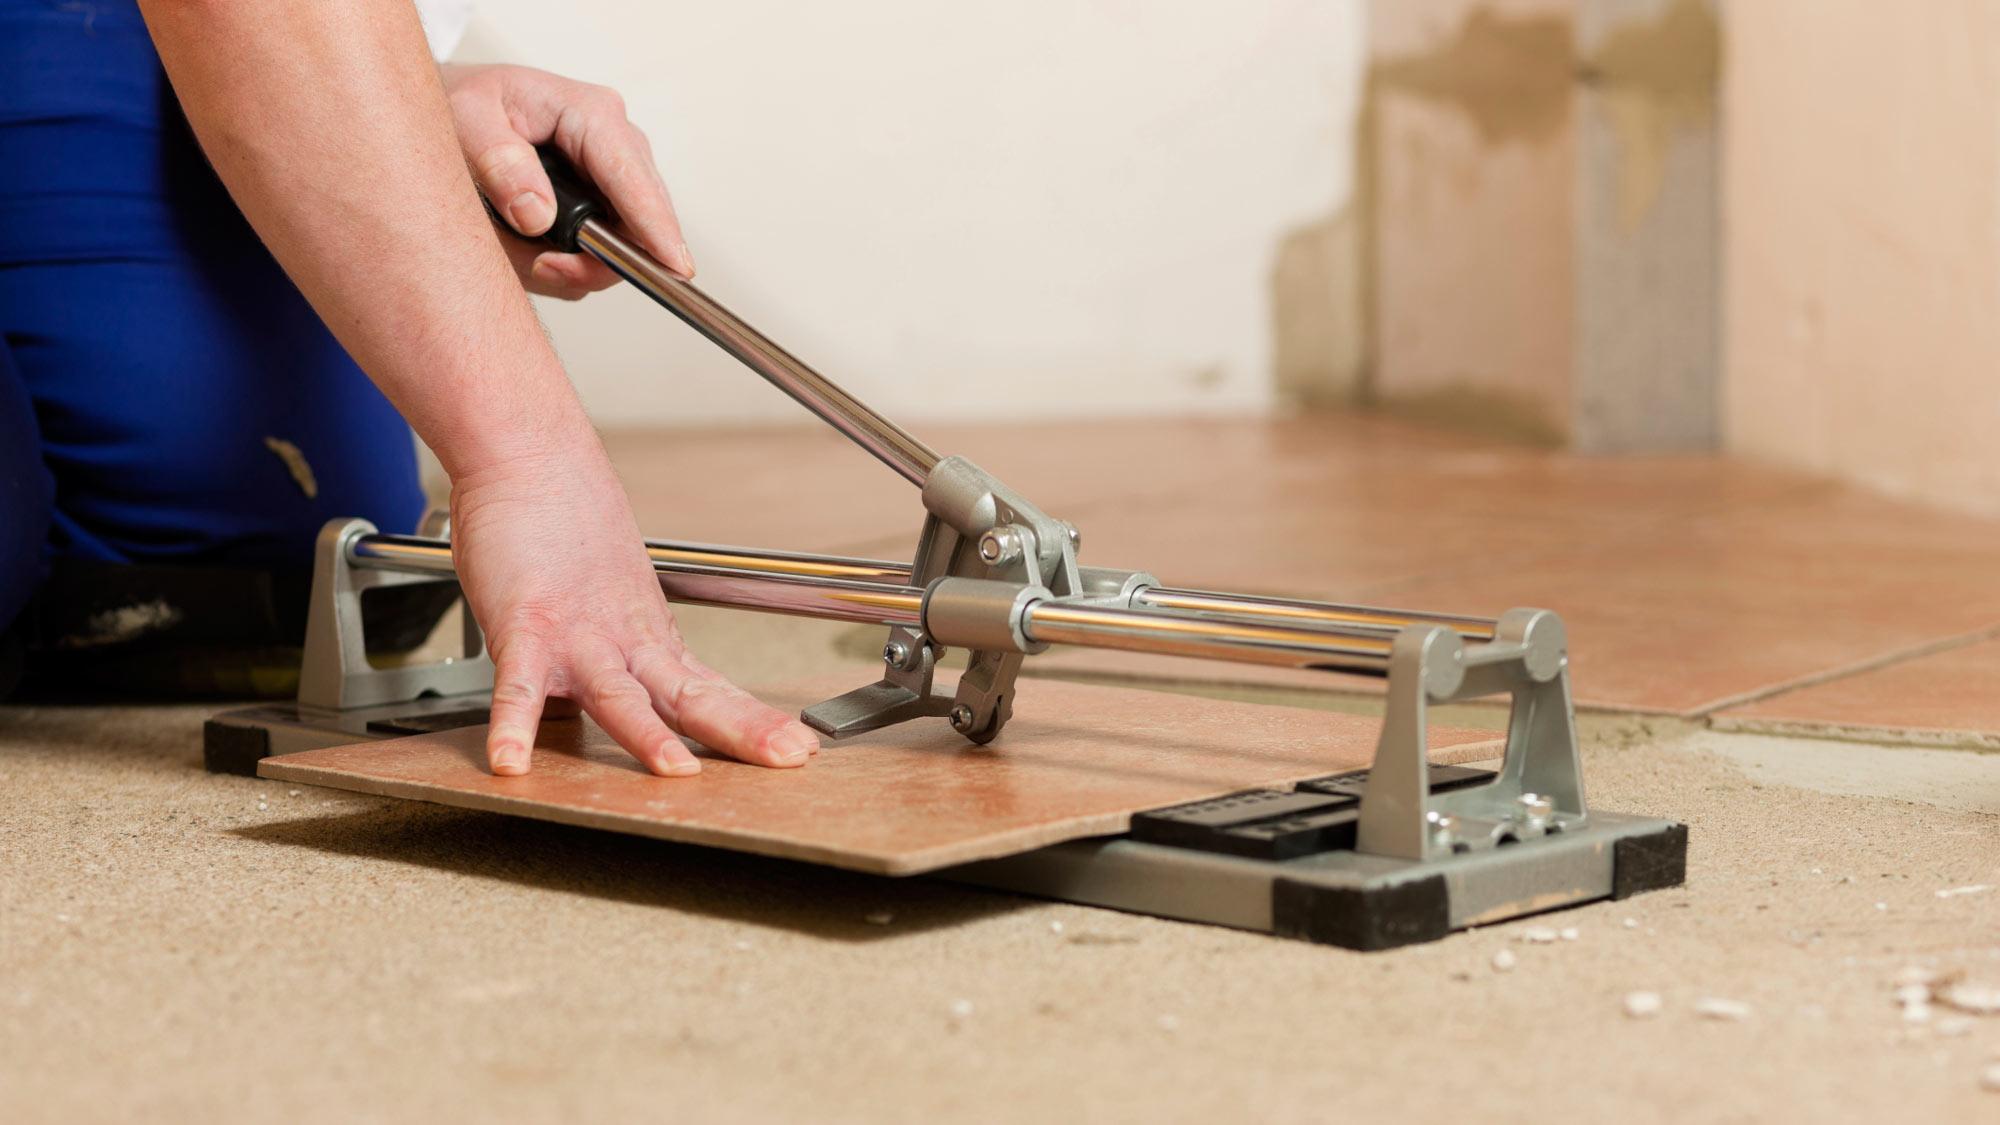 Tagliare piastrelle a mano | Utensili e tecniche